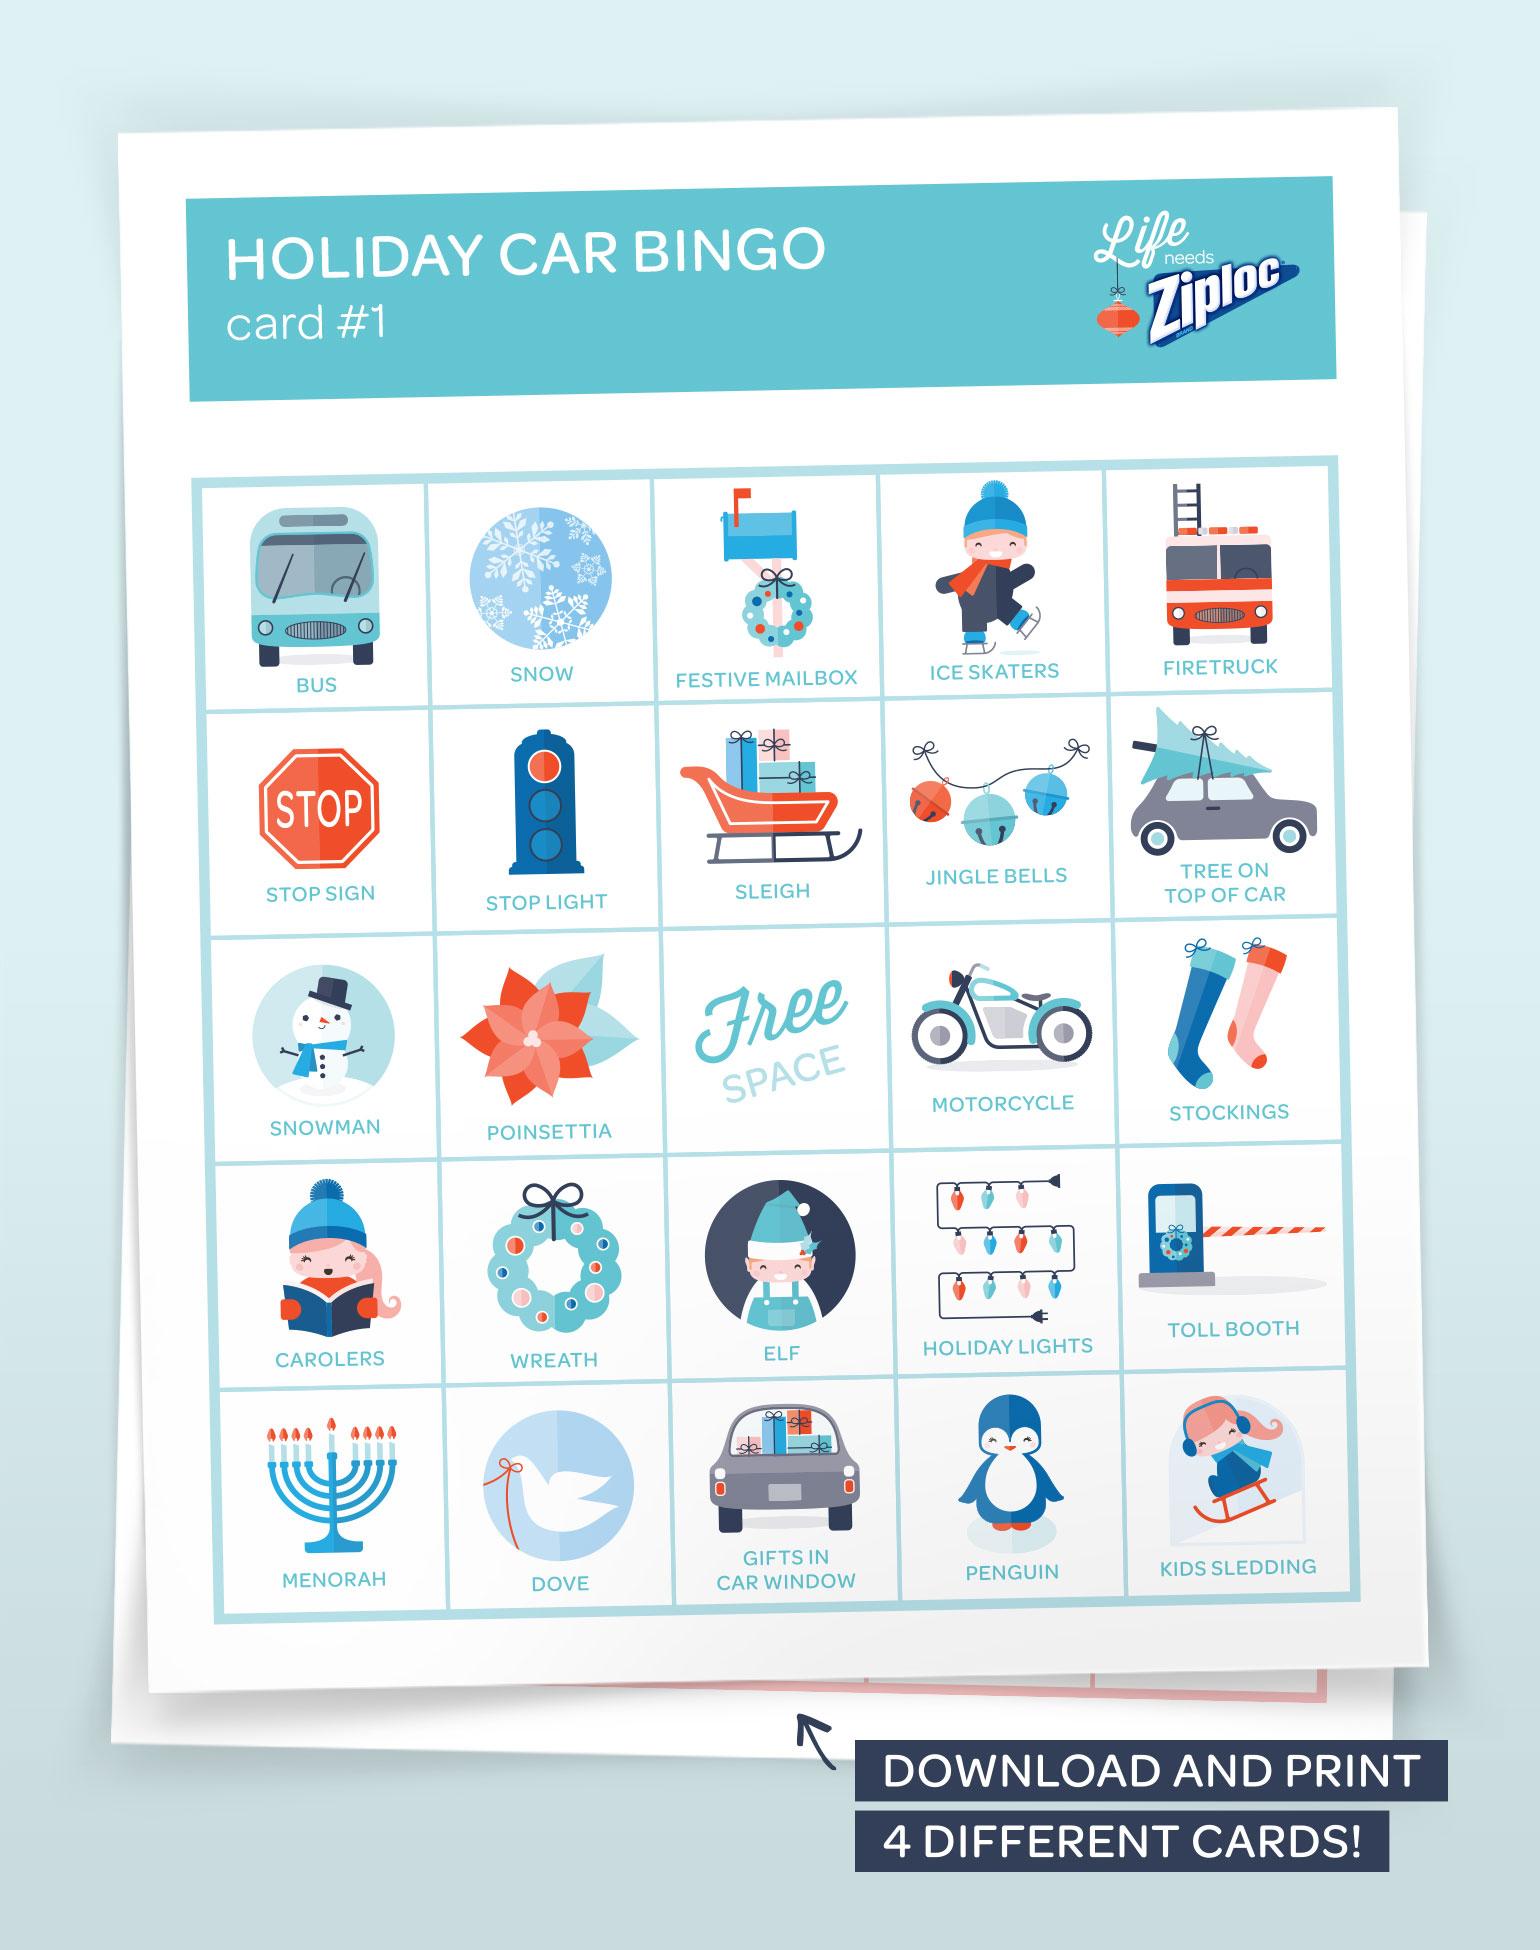 Survivre aux voyages en voiture du temps des Fêtes grâce au bingo en voiture